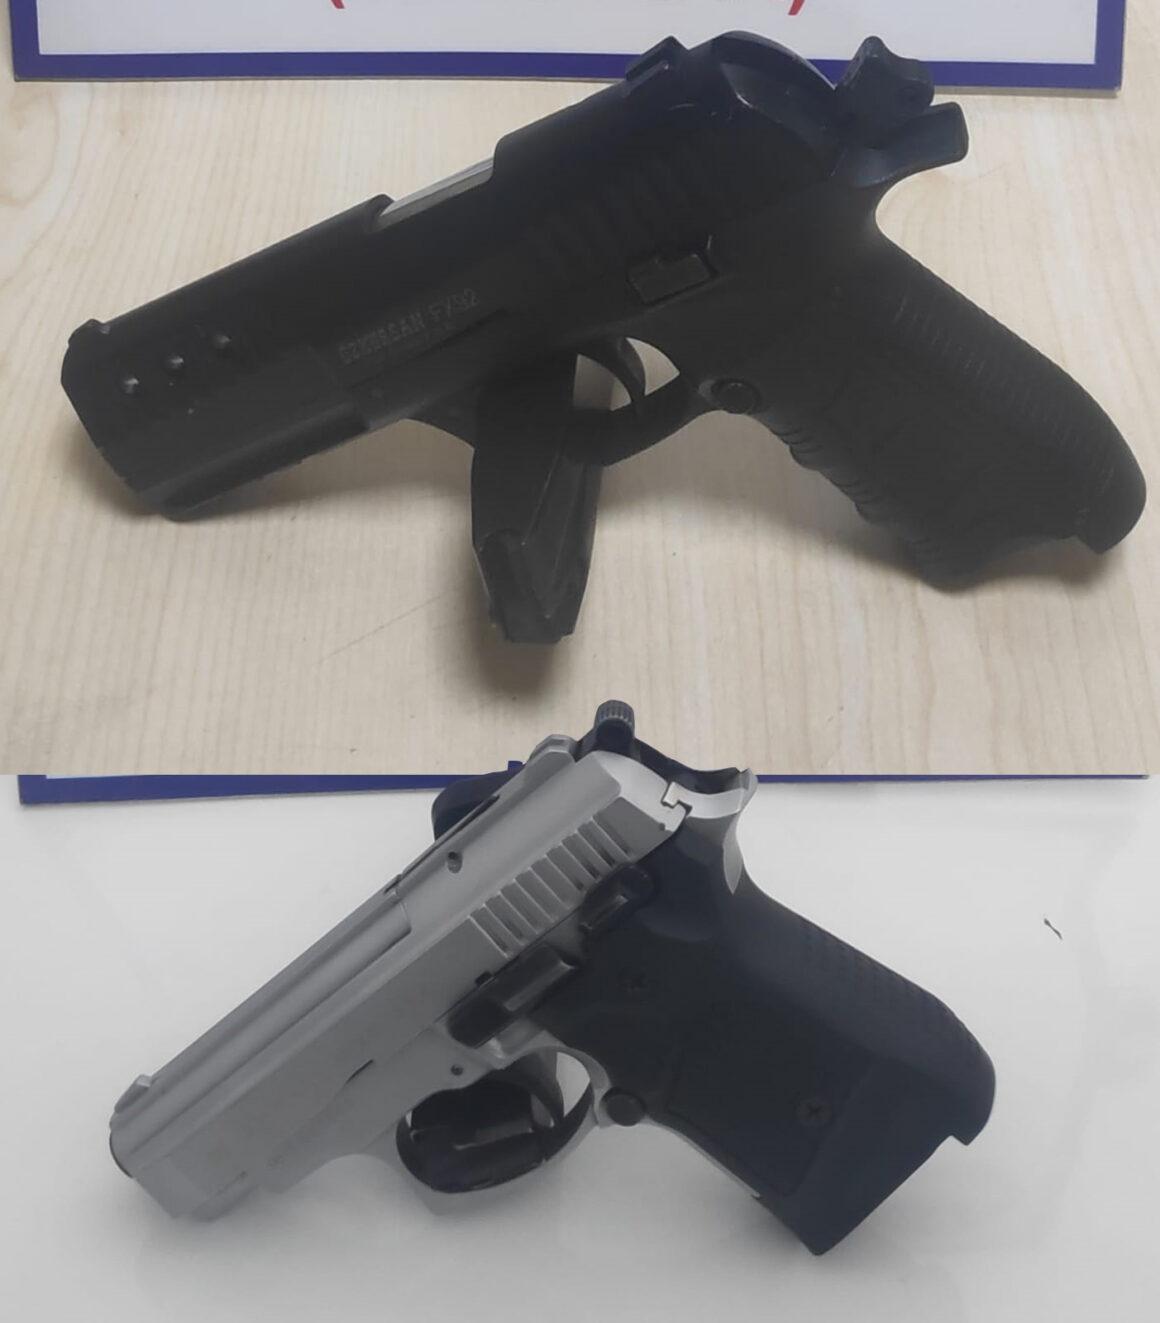 İki adet kurusıkı tabanca ele geçirildi